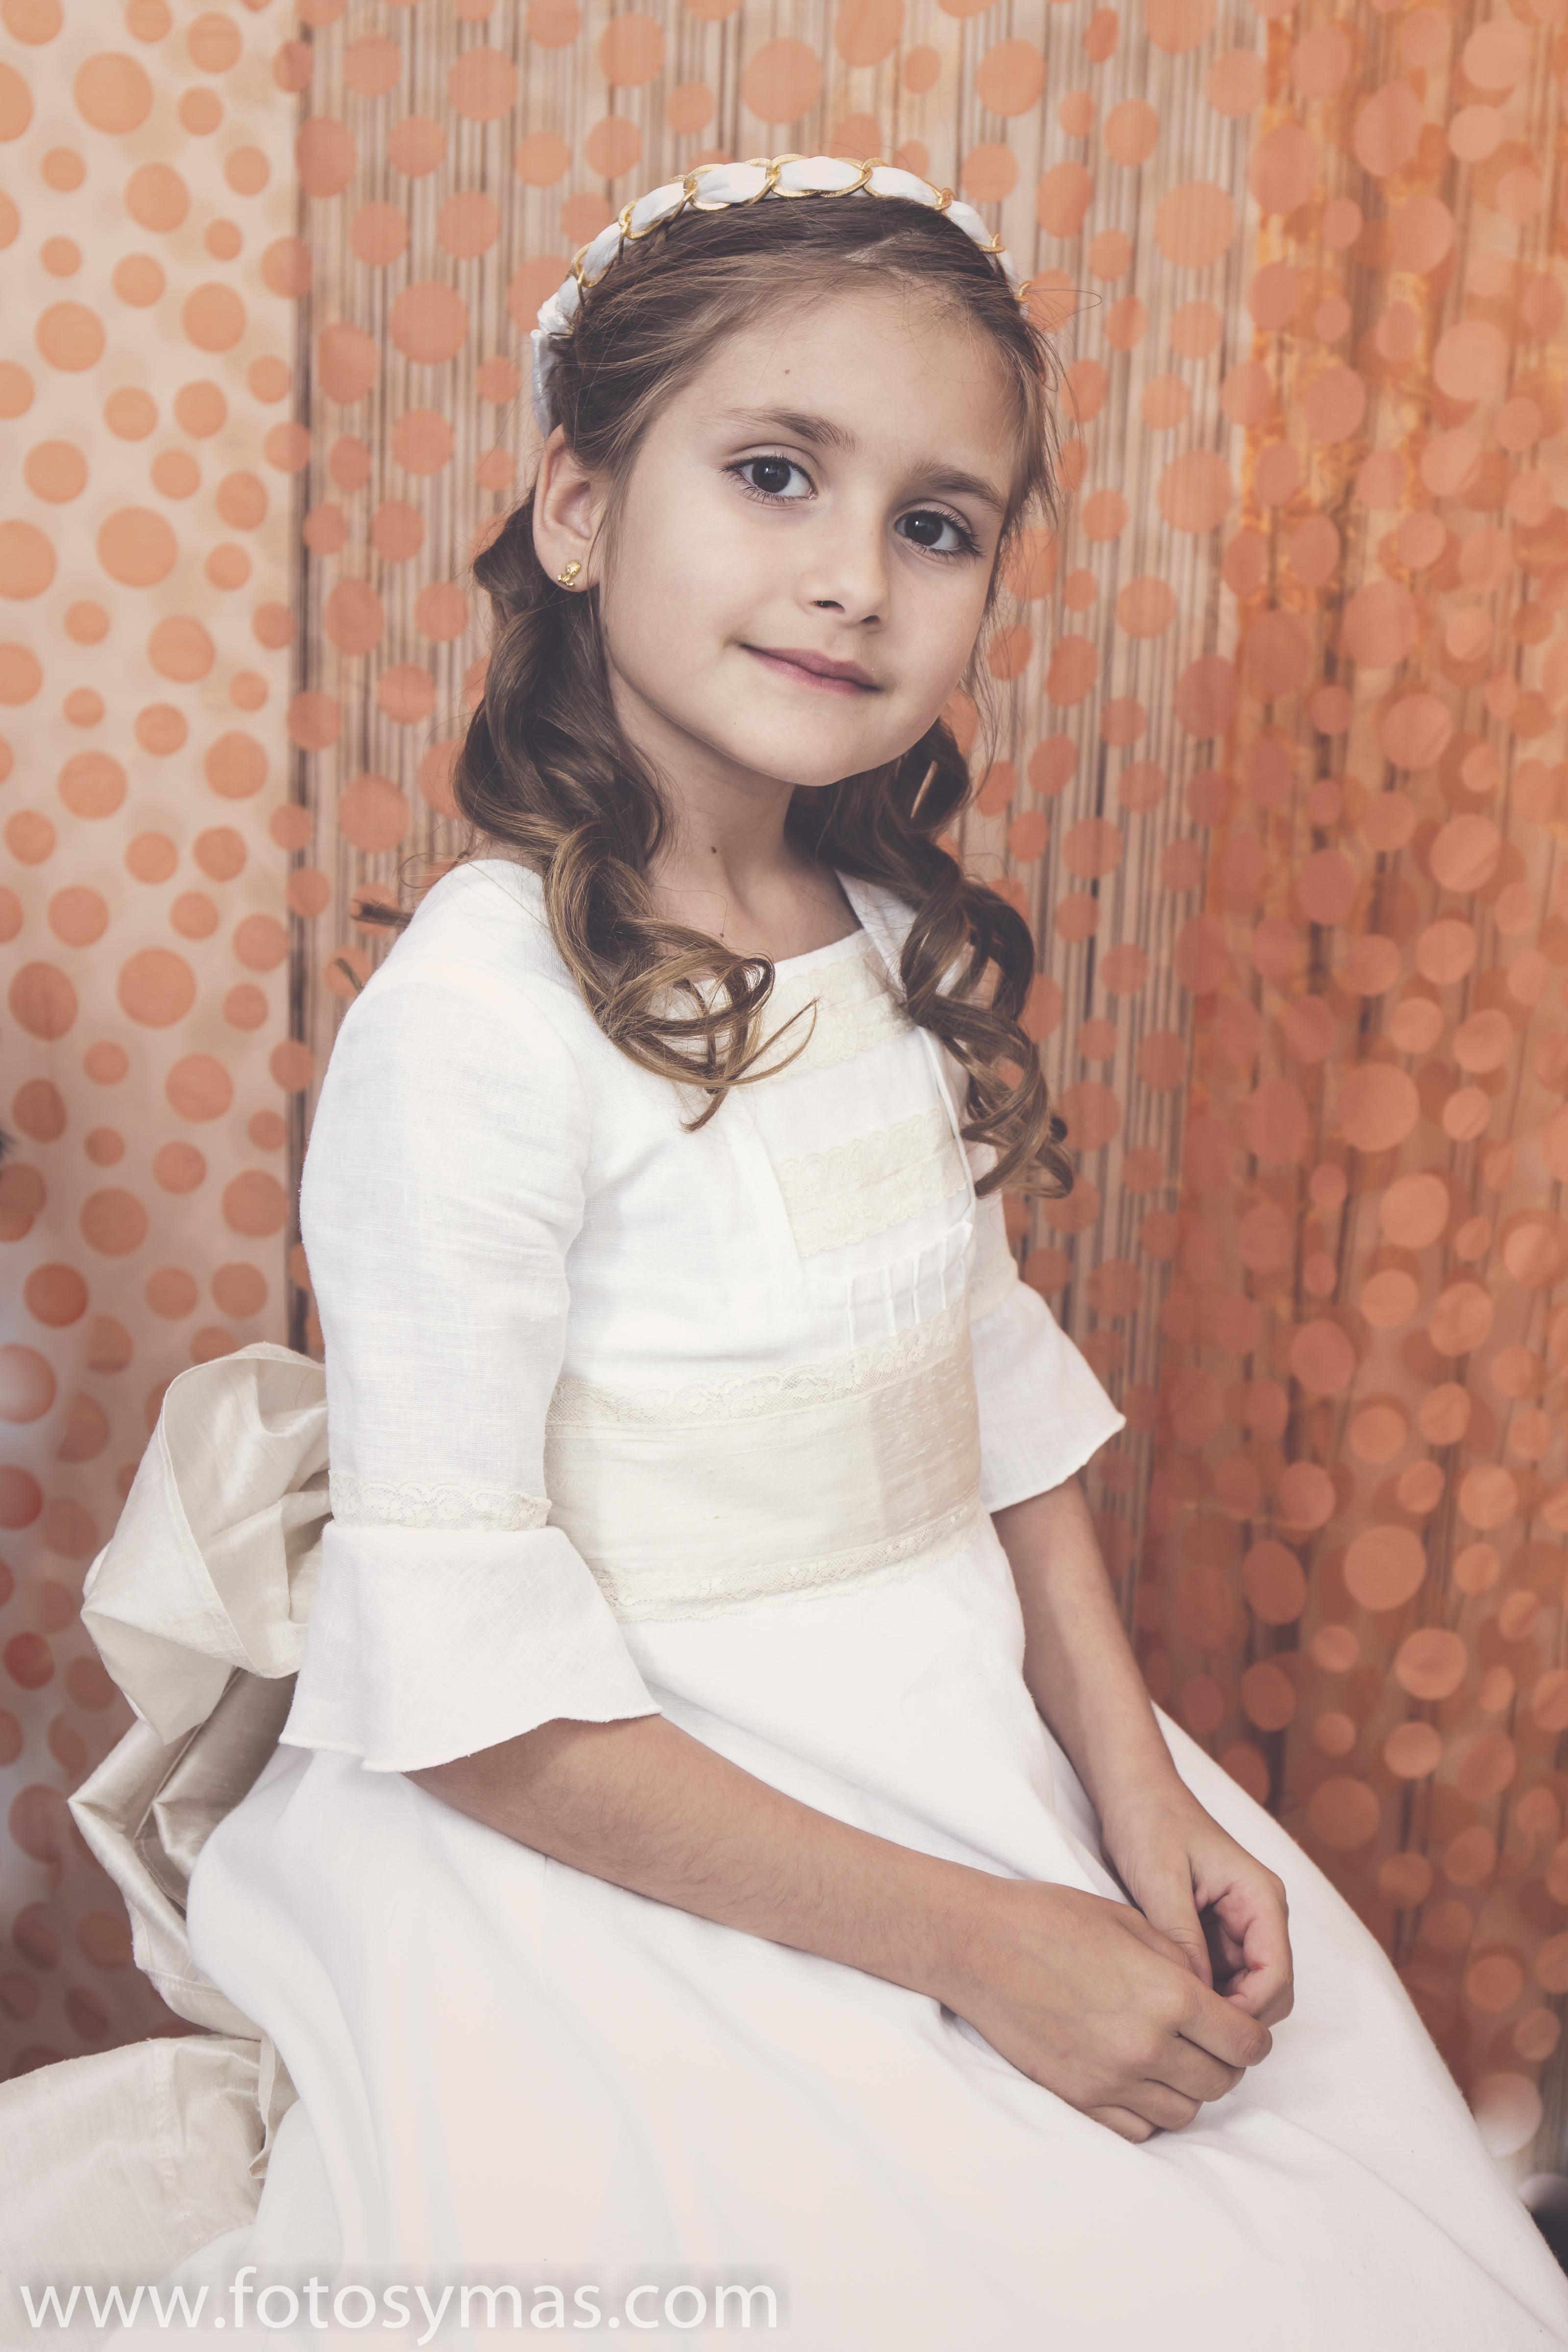 Nerea _ Pepa Cabañes RaquelMunoz_httq.fotosymas.com-3